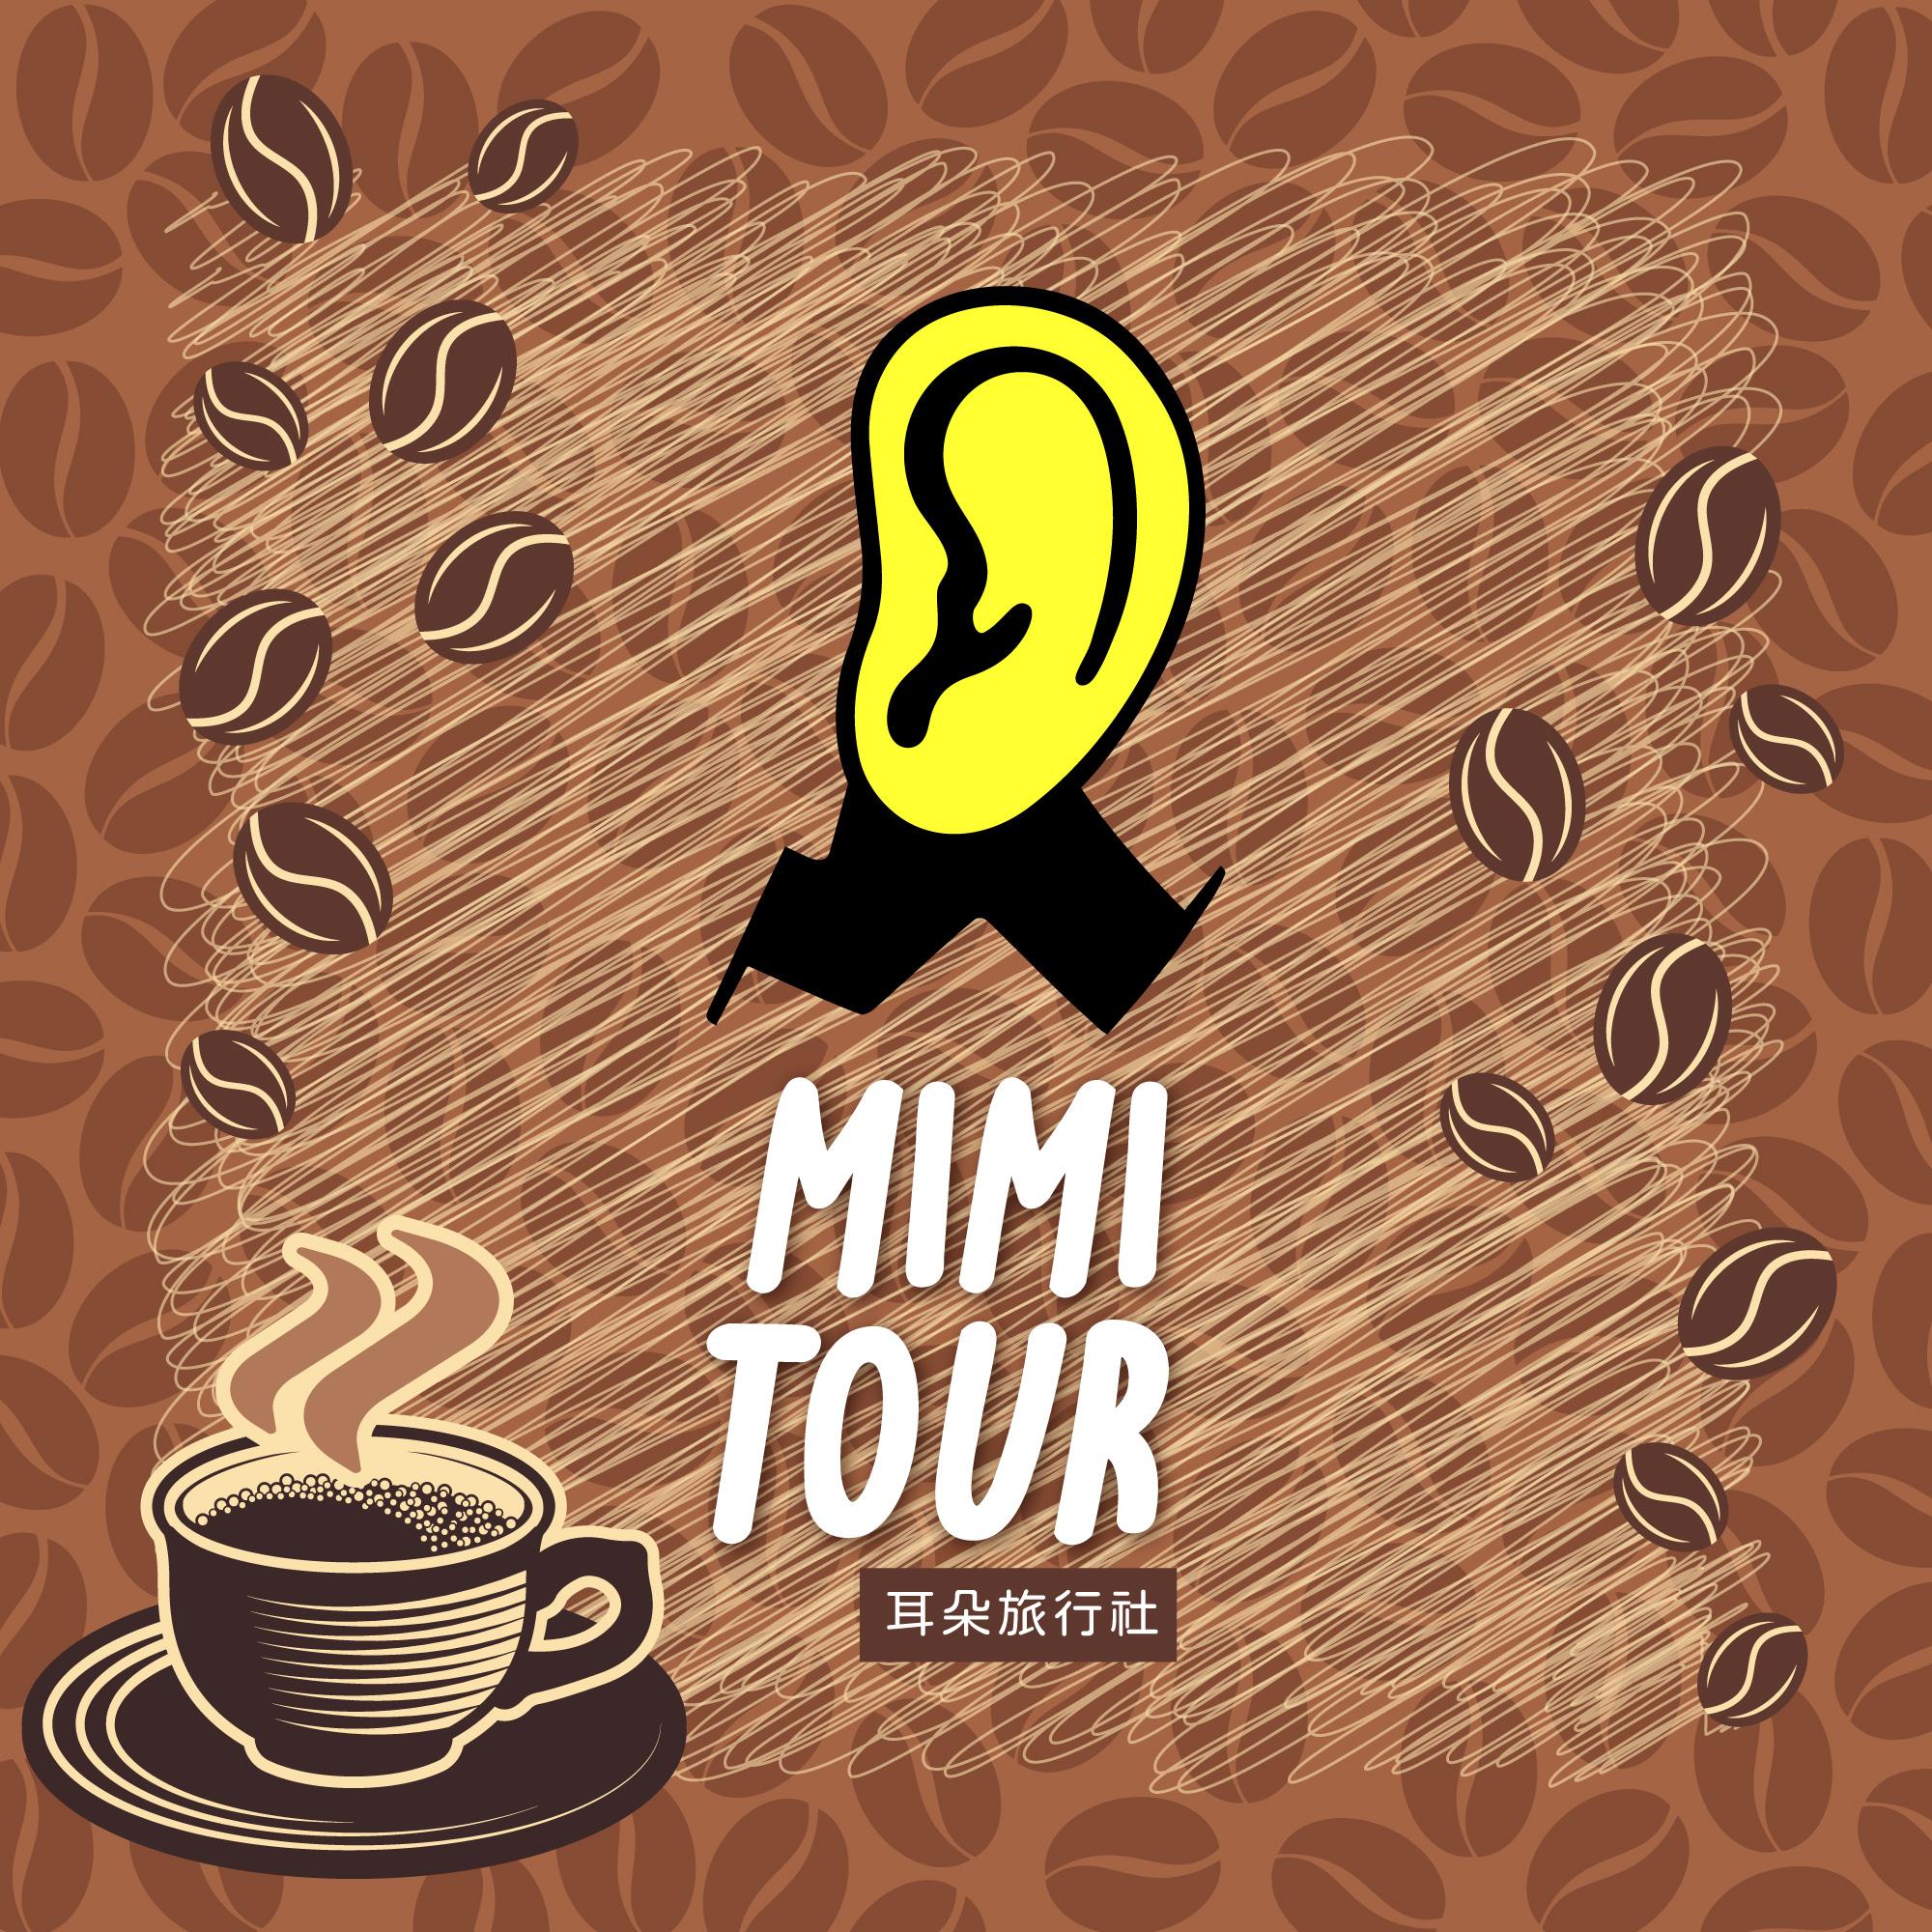 【S2/E43】左盃:茶啡聽5.聊怡保白咖啡的小耳朵